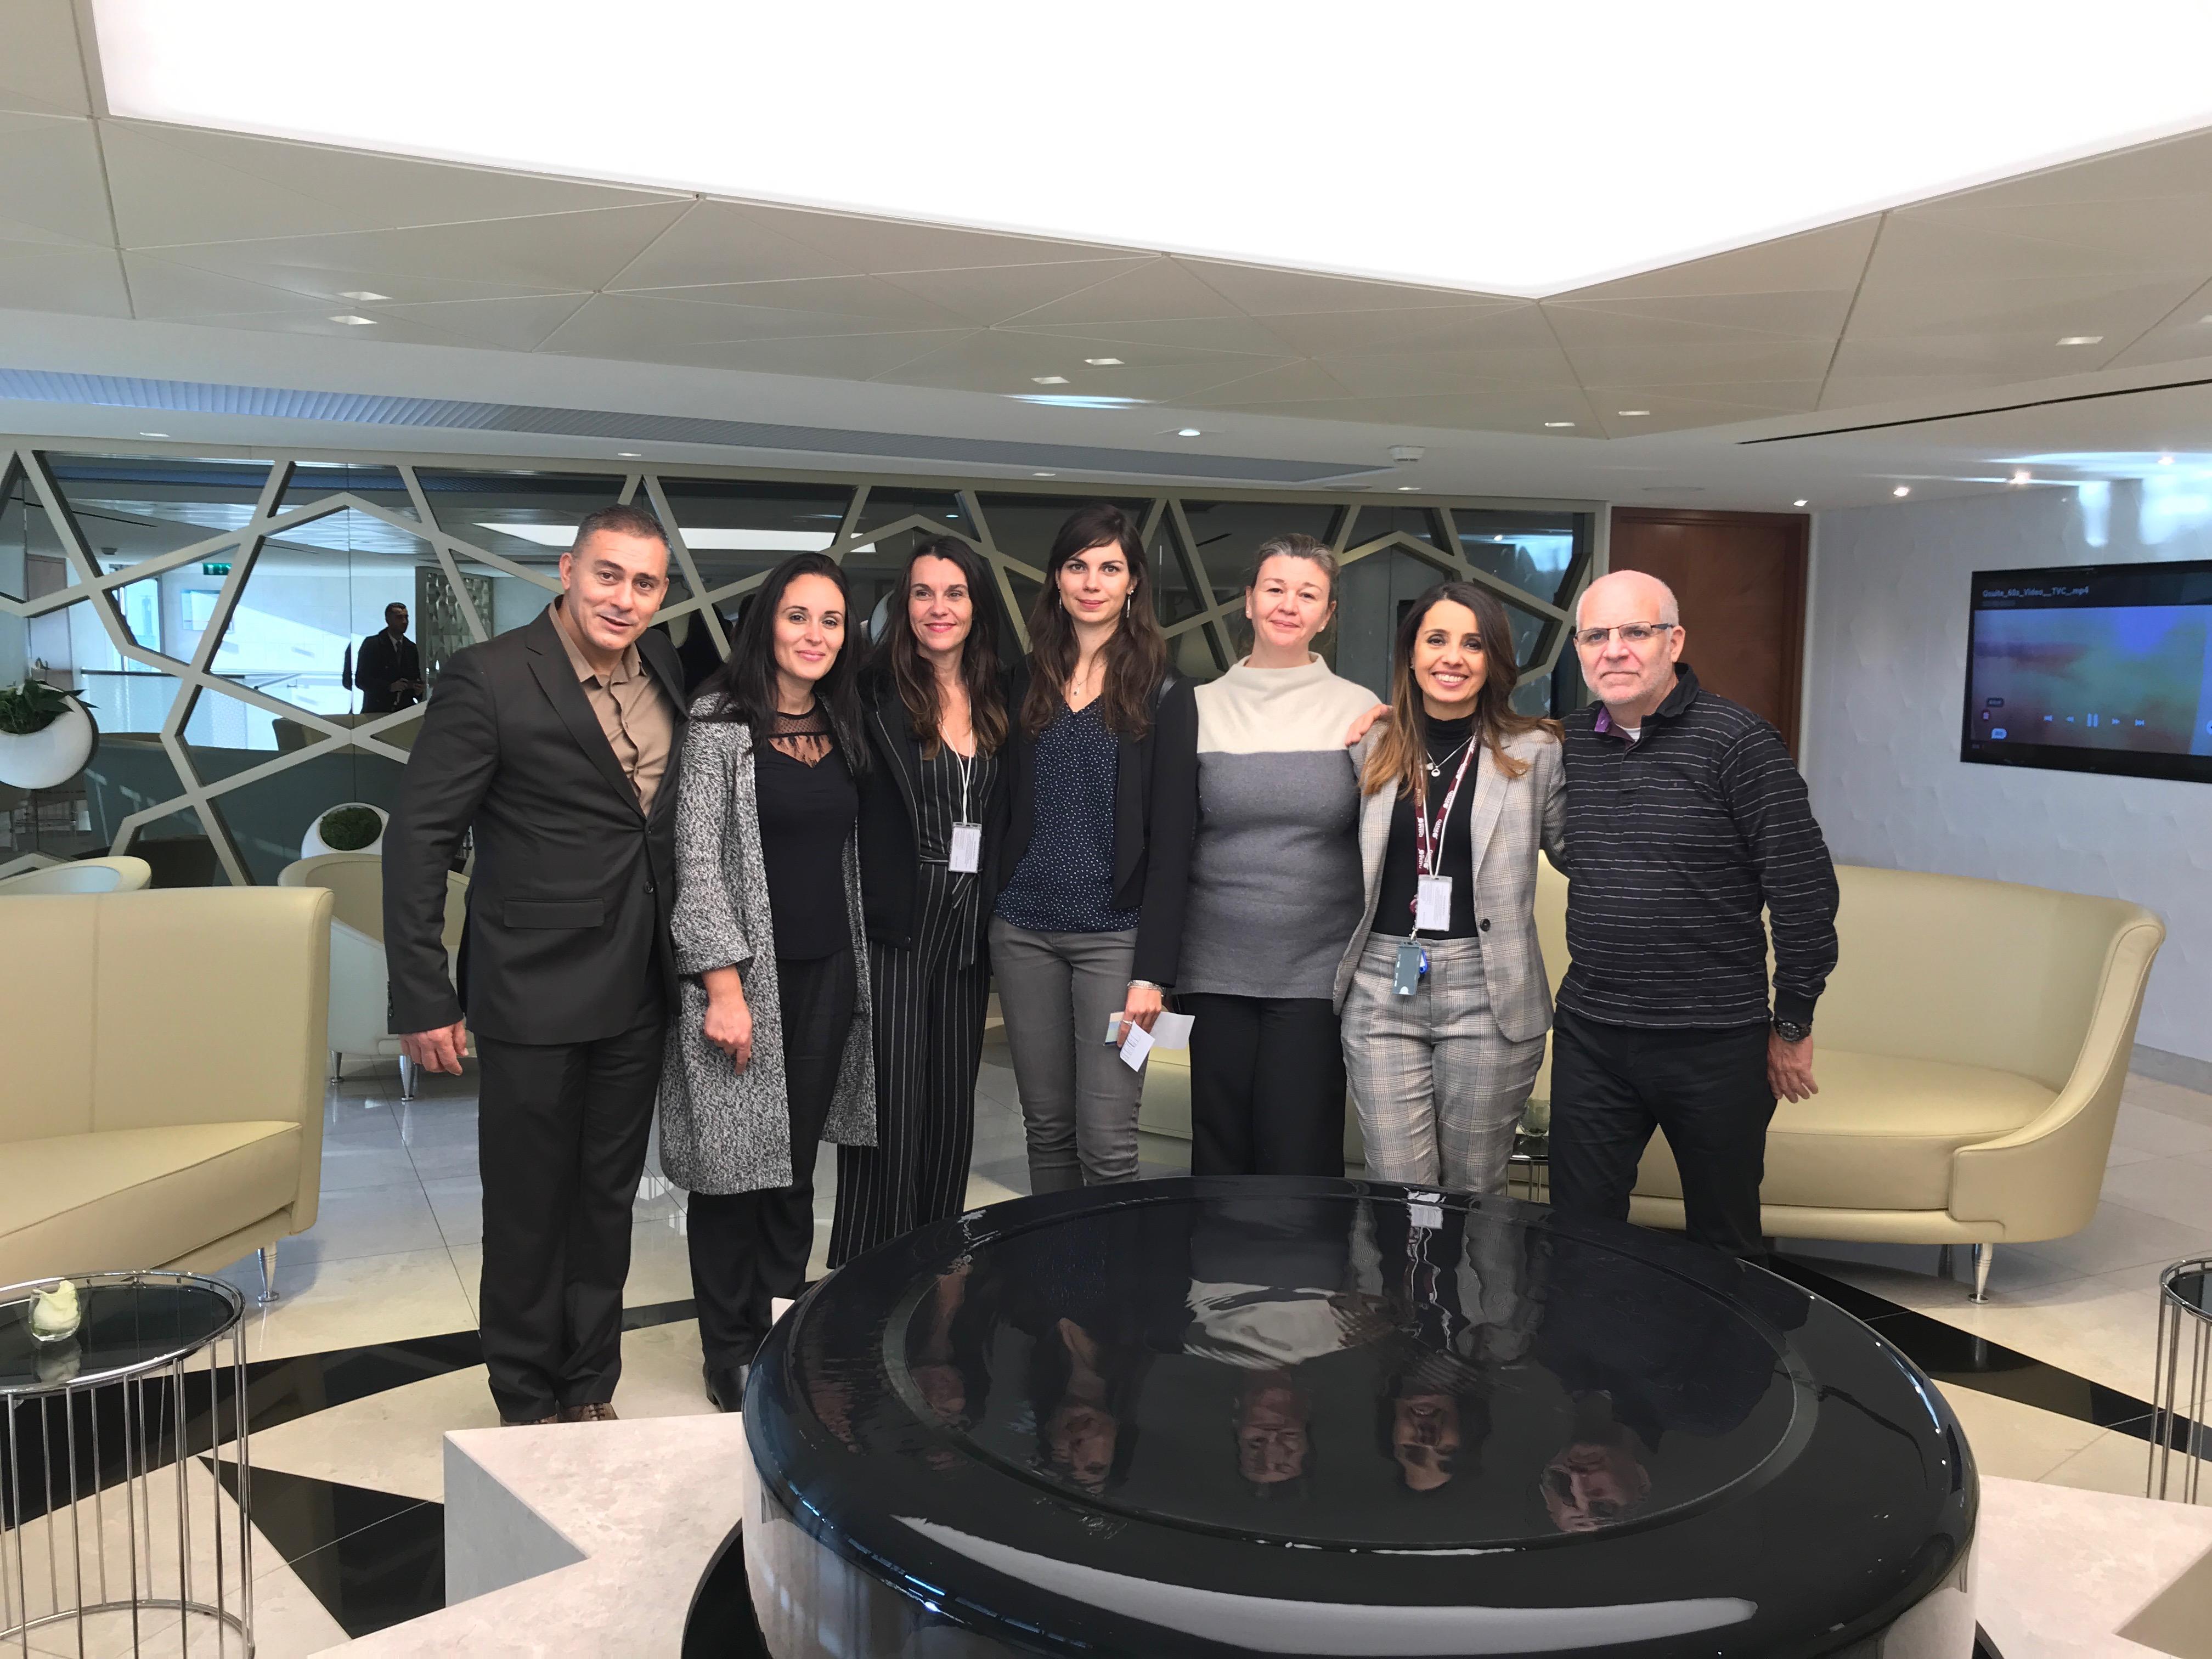 Accompagnés par Nadia Khoulalene, responsable commerciale, six agents de voyages franciliens ont découvert le lounge Qatar Airways de Roissy © PG TM